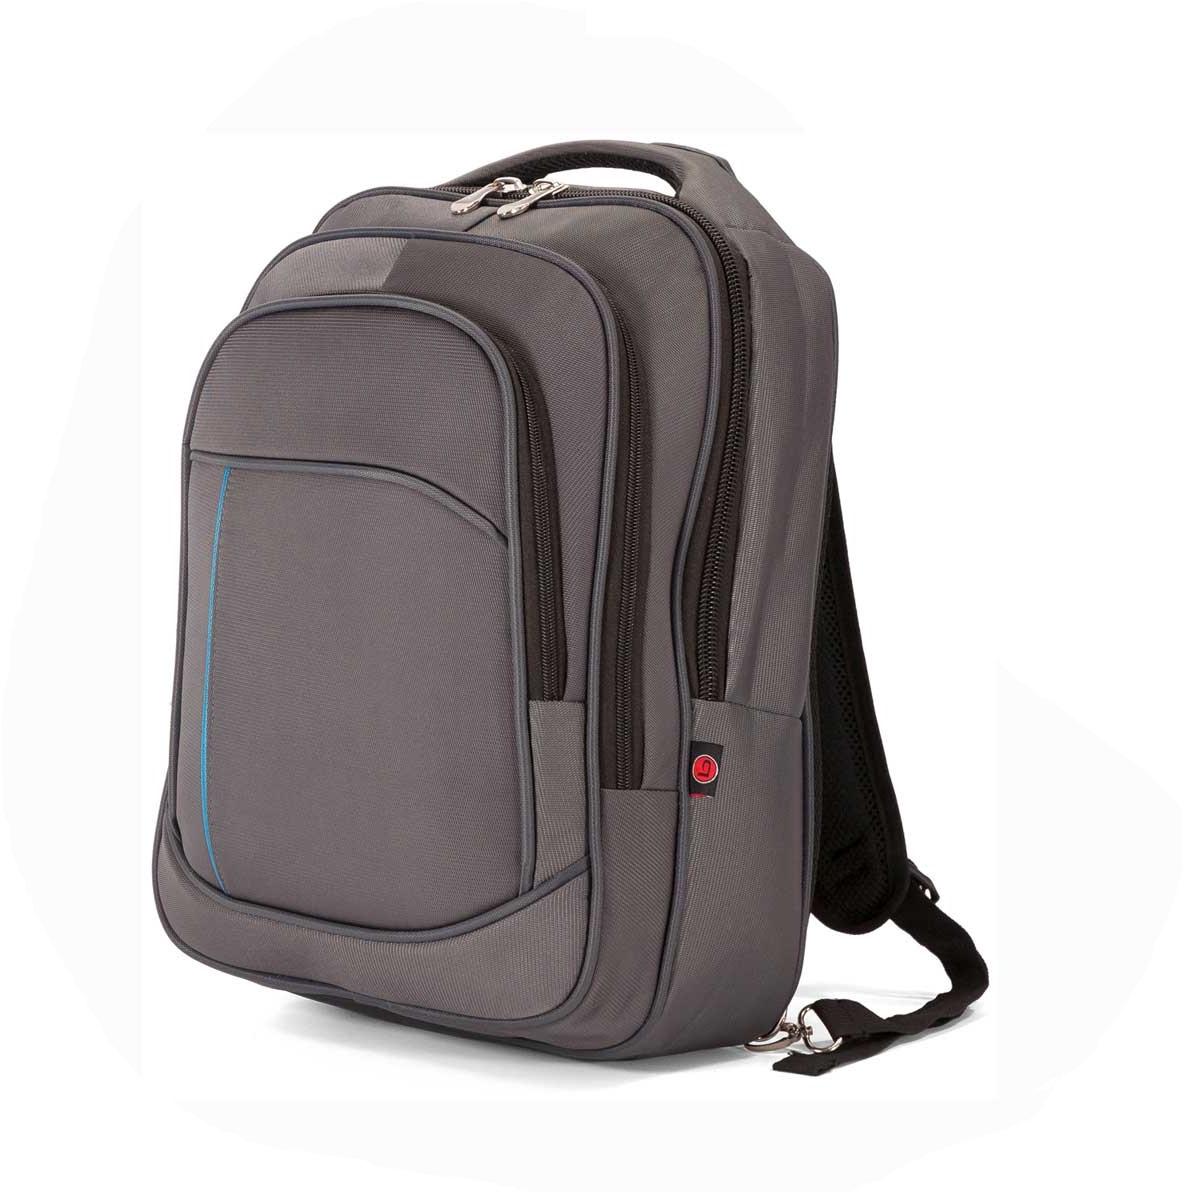 Σακίδιο Πλάτης Με Θήκη Laptop 30x41x20εκ. benzi 5067 Grey - benzi - 5067-grey ειδη οικ  χρησησ βαλίτσες   τσάντες ταξιδίου